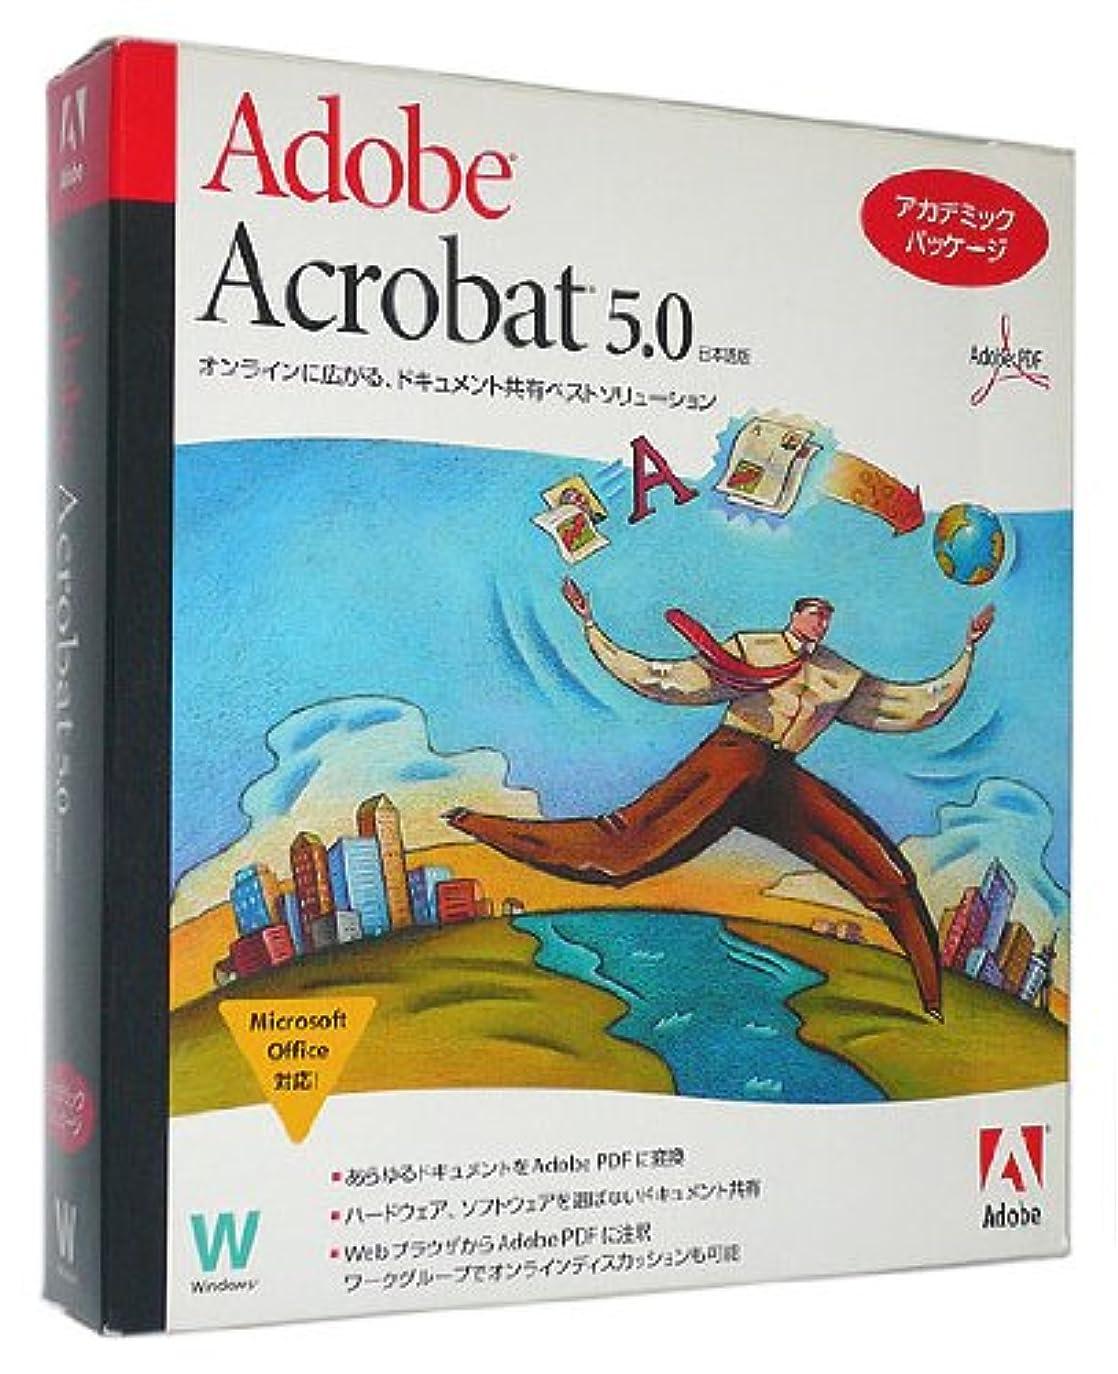 健全限りなくマッサージAdobe Acrobat 5.0 日本語版 Windows版 アカデミックパッケージ